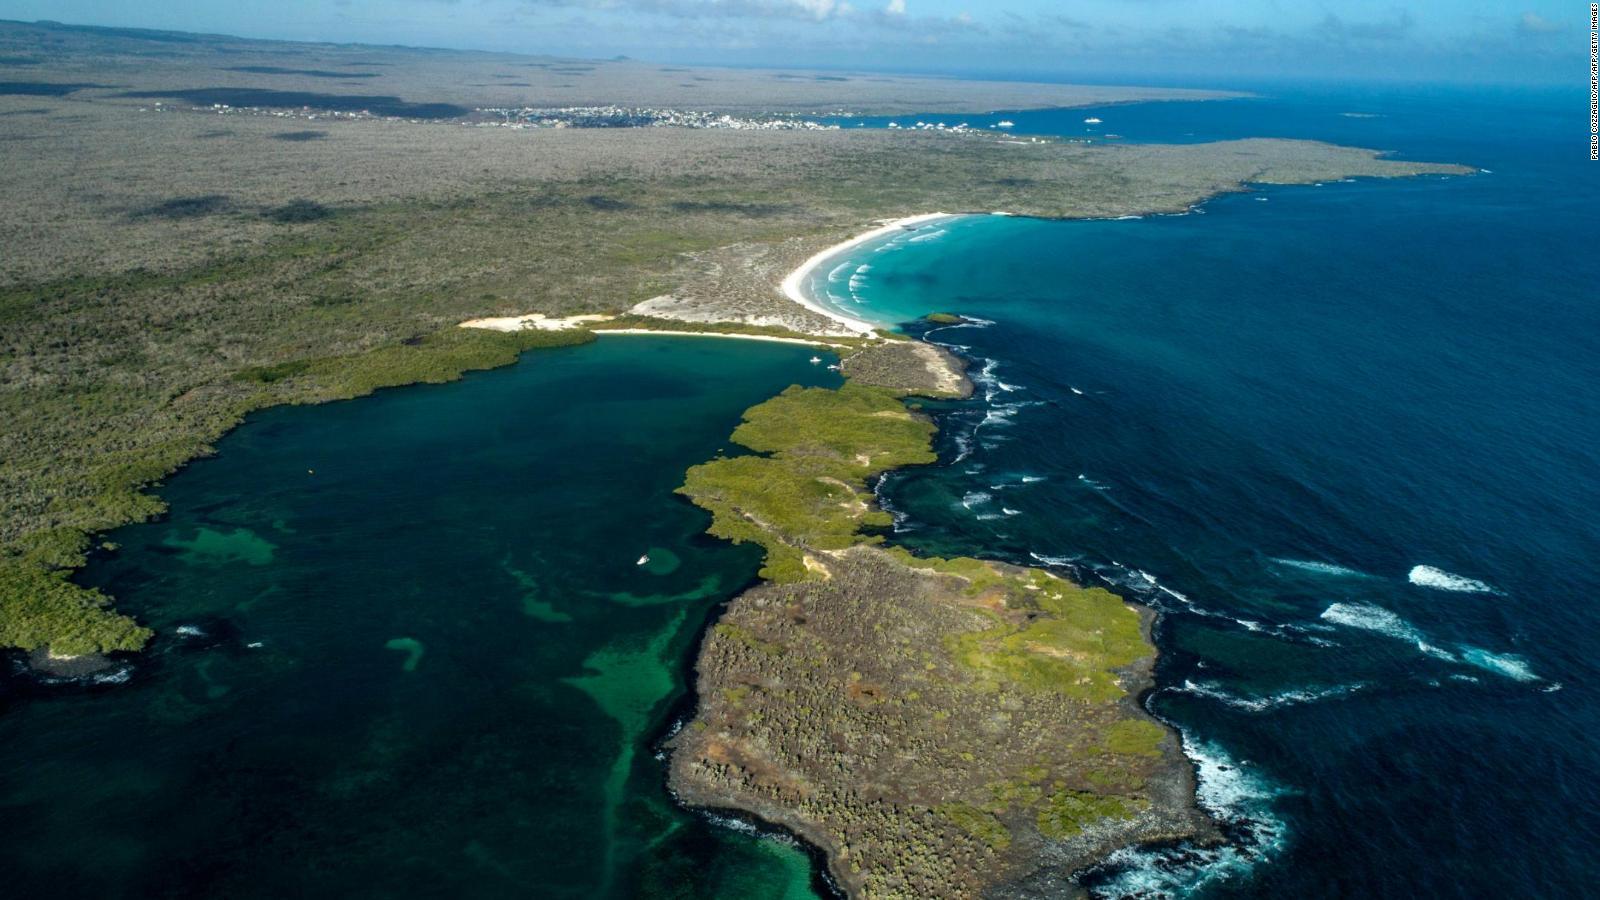 Más de 4 toneladas de basura se recogen en las Islas Galápagos